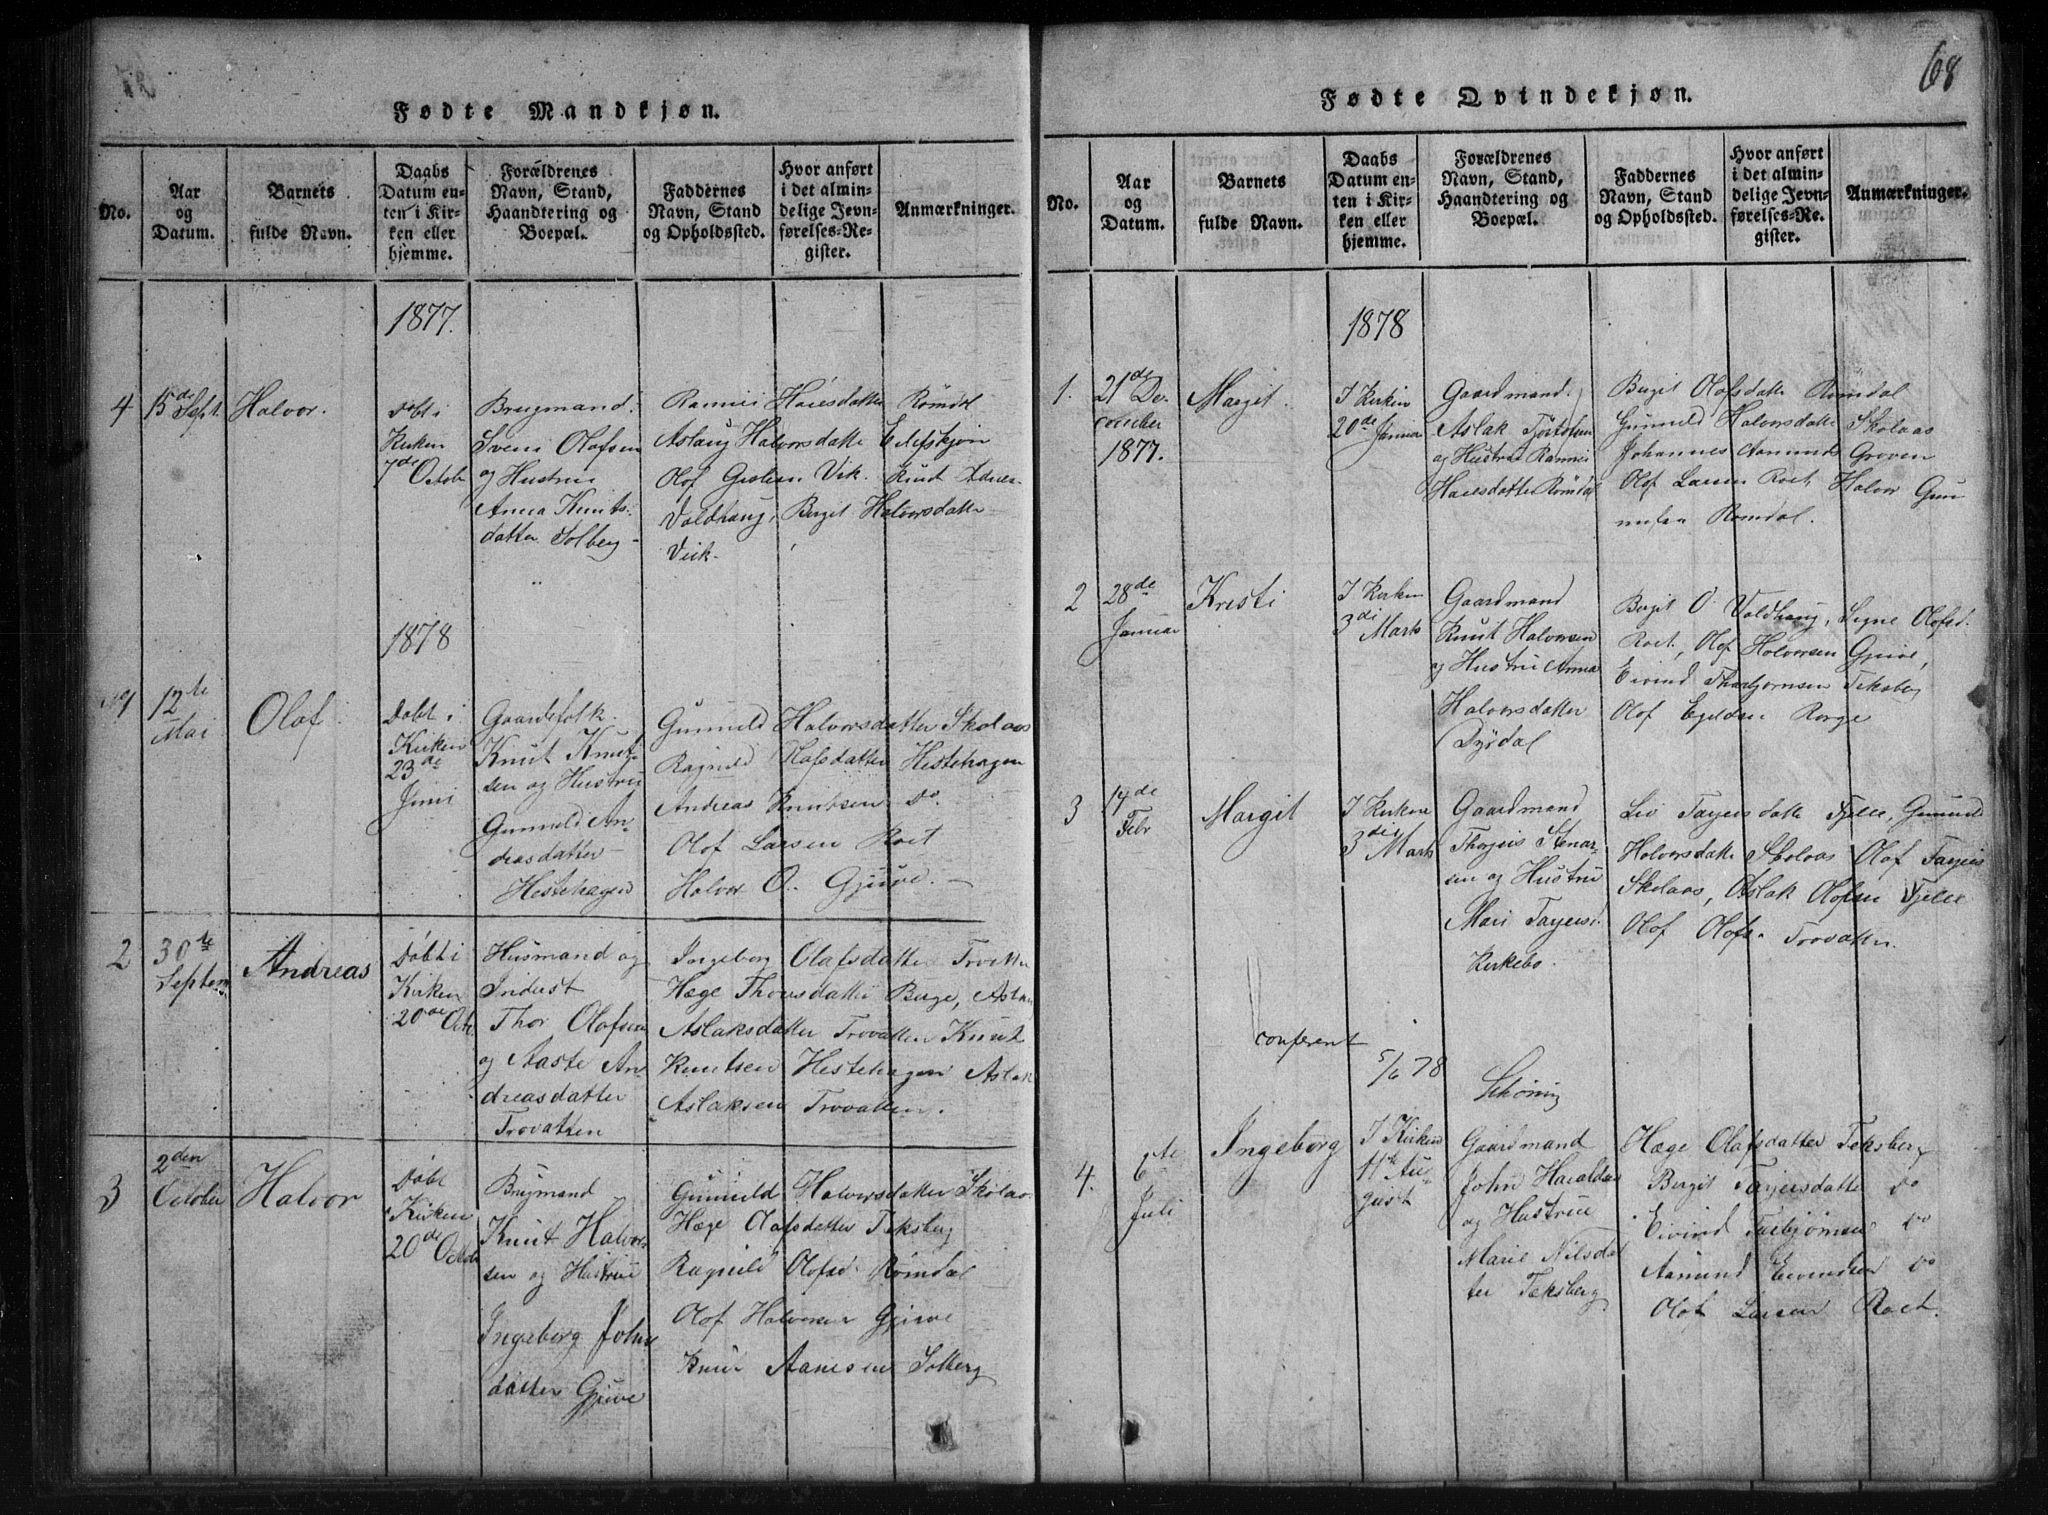 SAKO, Rauland kirkebøker, G/Gb/L0001: Klokkerbok nr. II 1, 1815-1886, s. 68